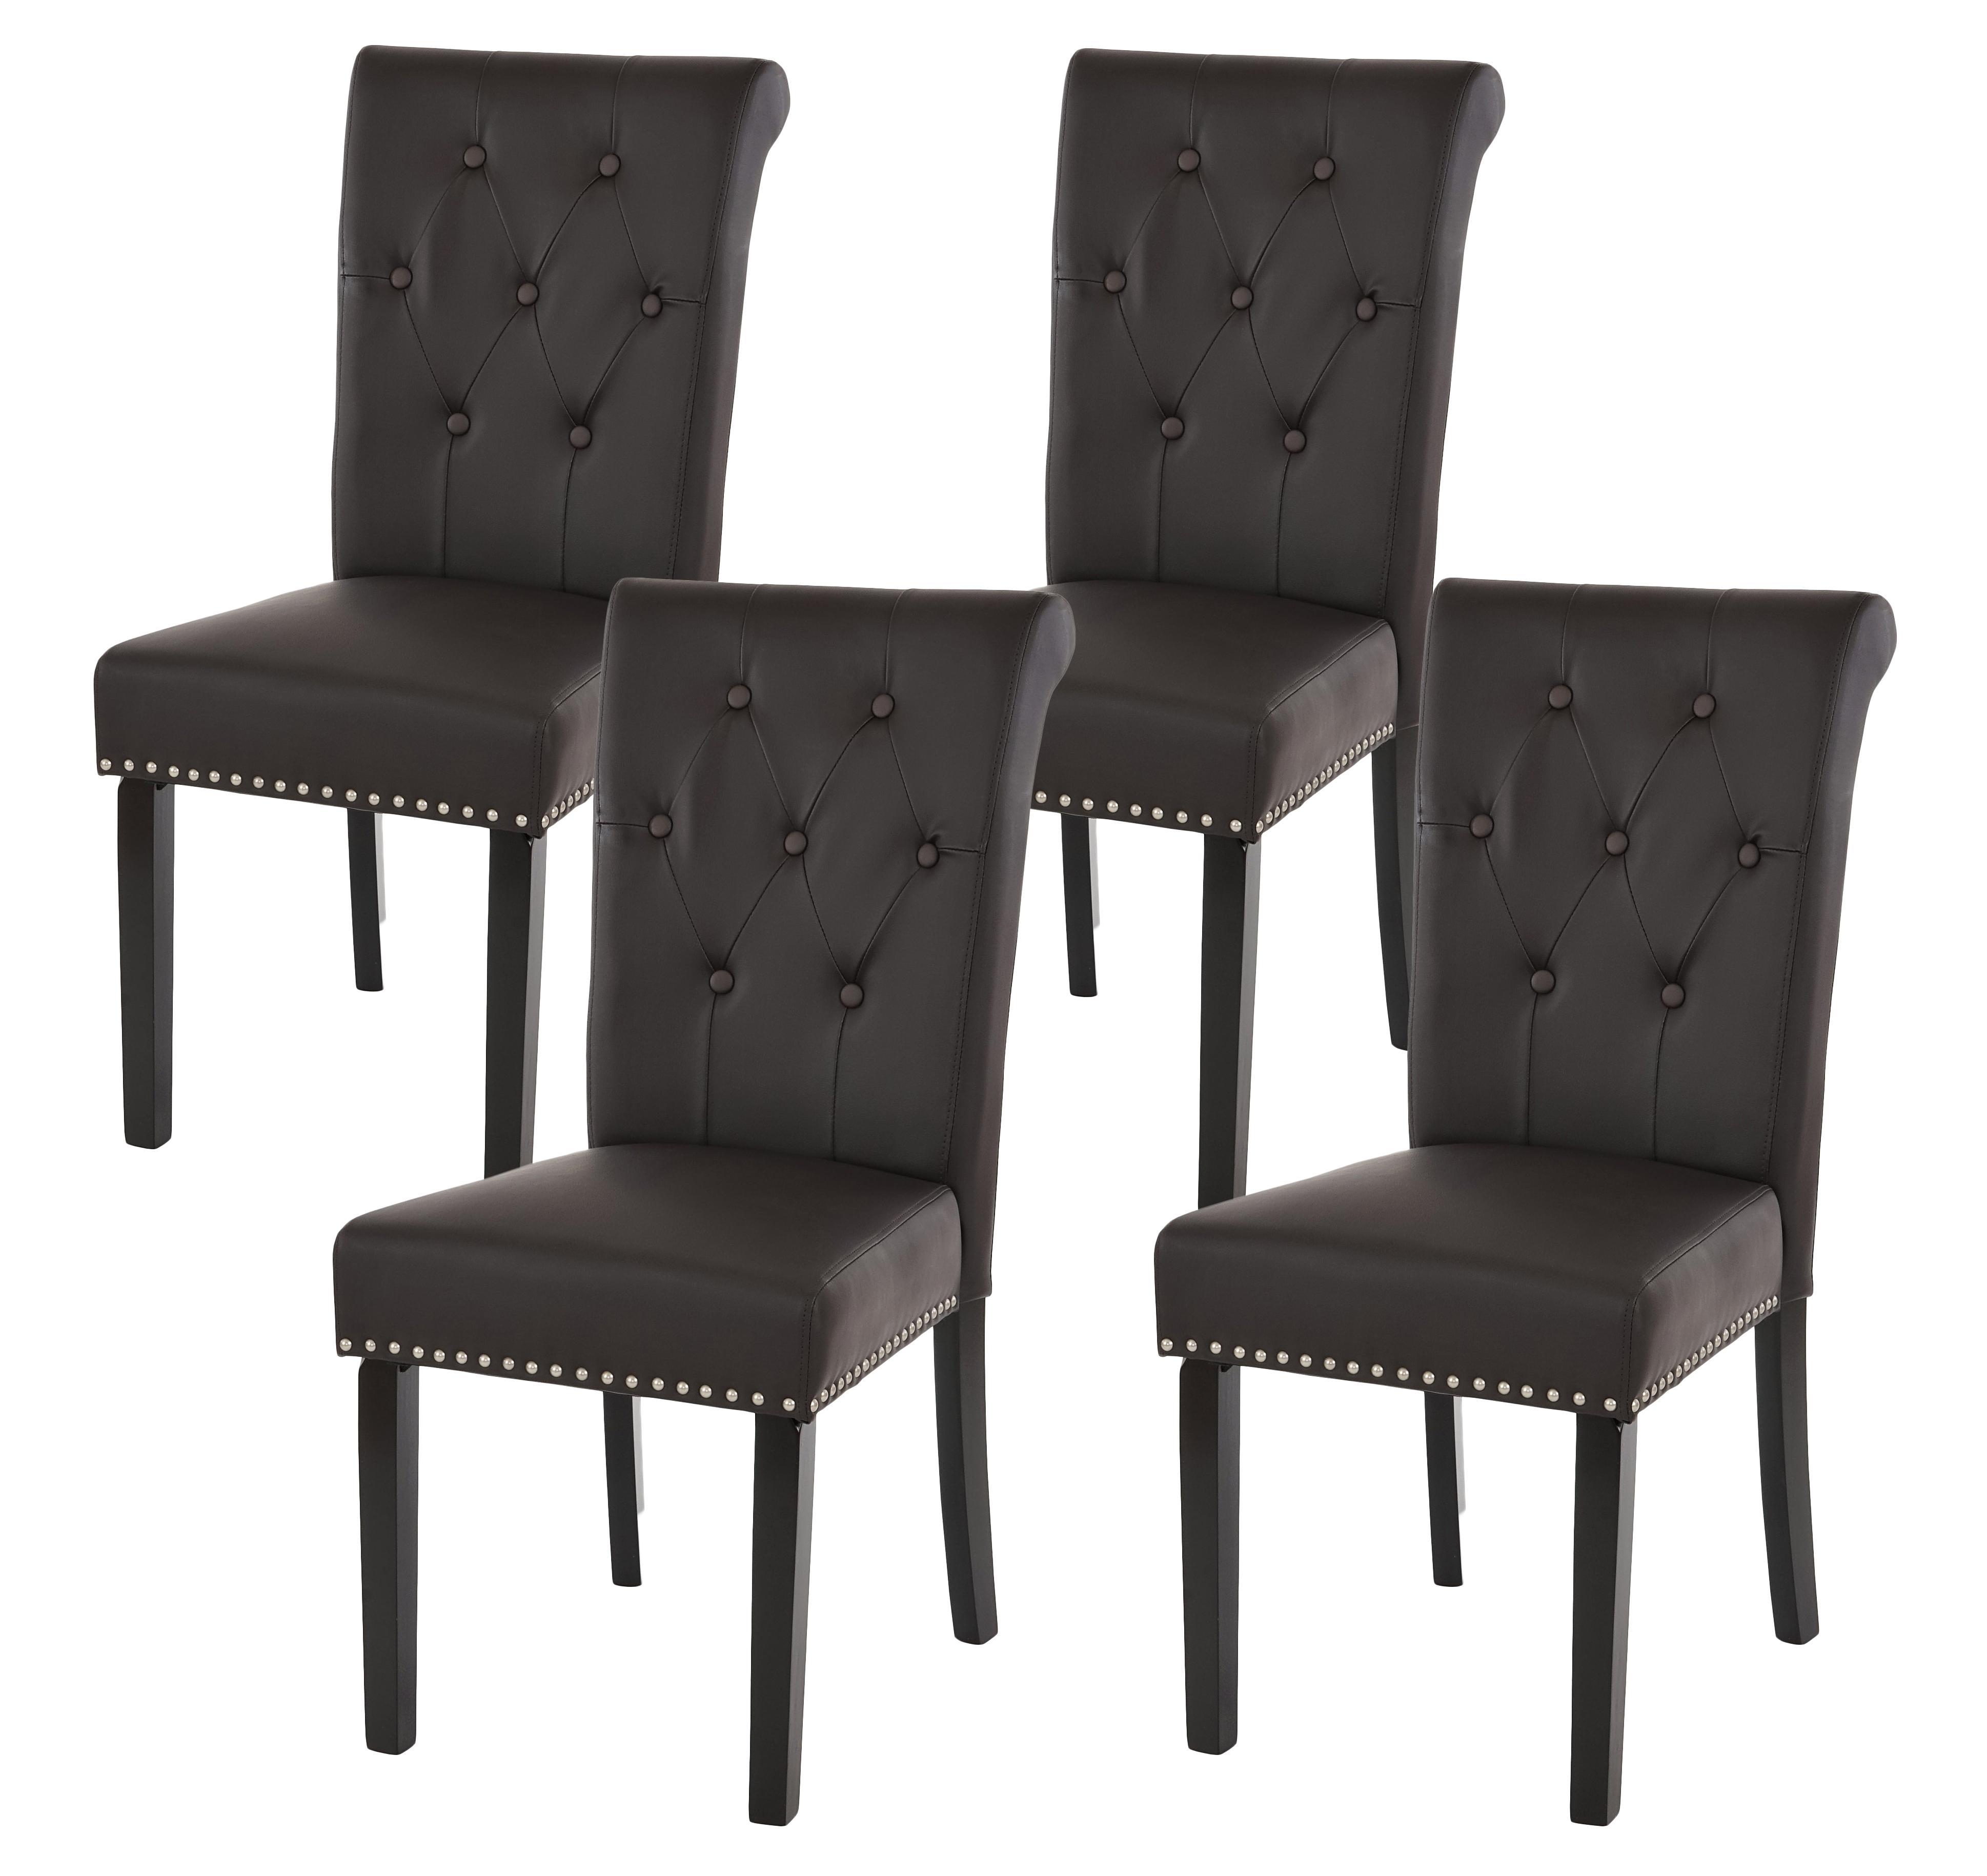 Conjunto de 4 sillas de comedor odesa piel marr n y patas for Sillas cromadas para comedor